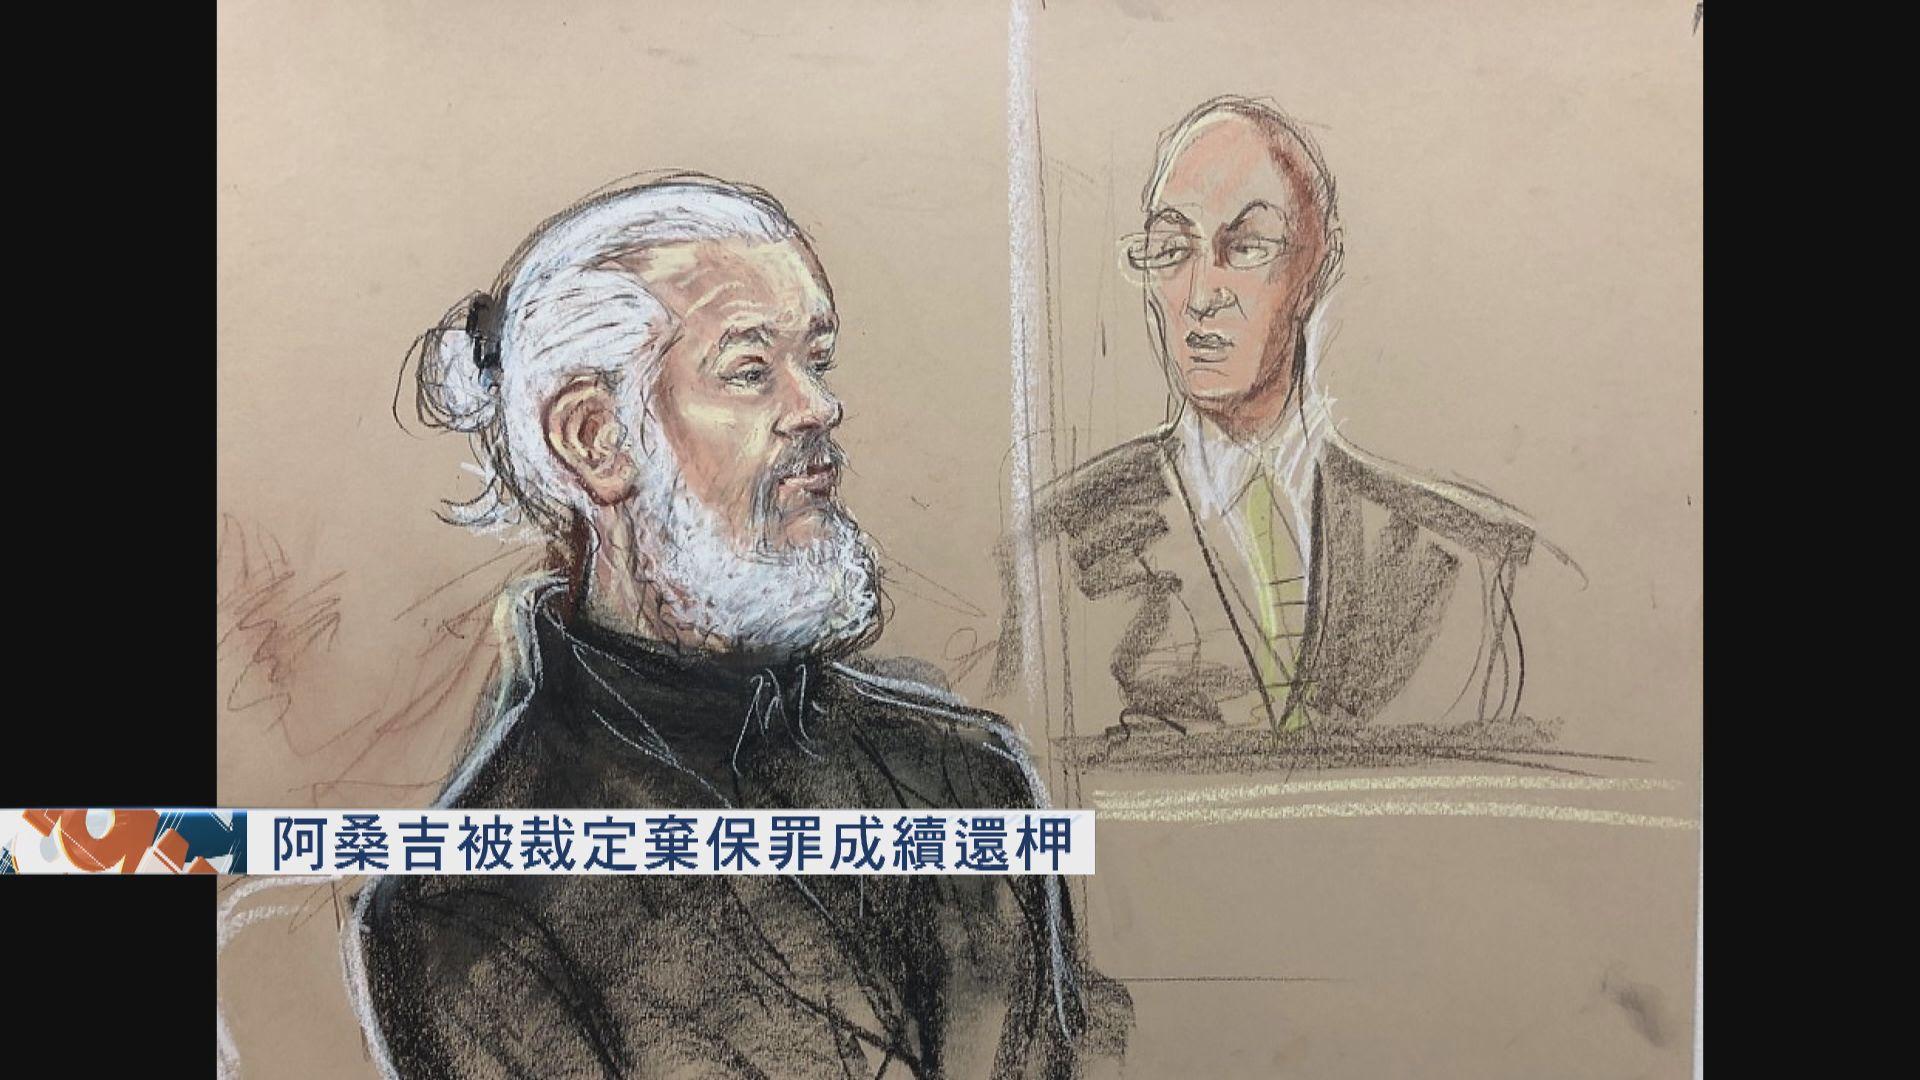 阿桑吉續還柙 下月初就引渡聆訊出庭